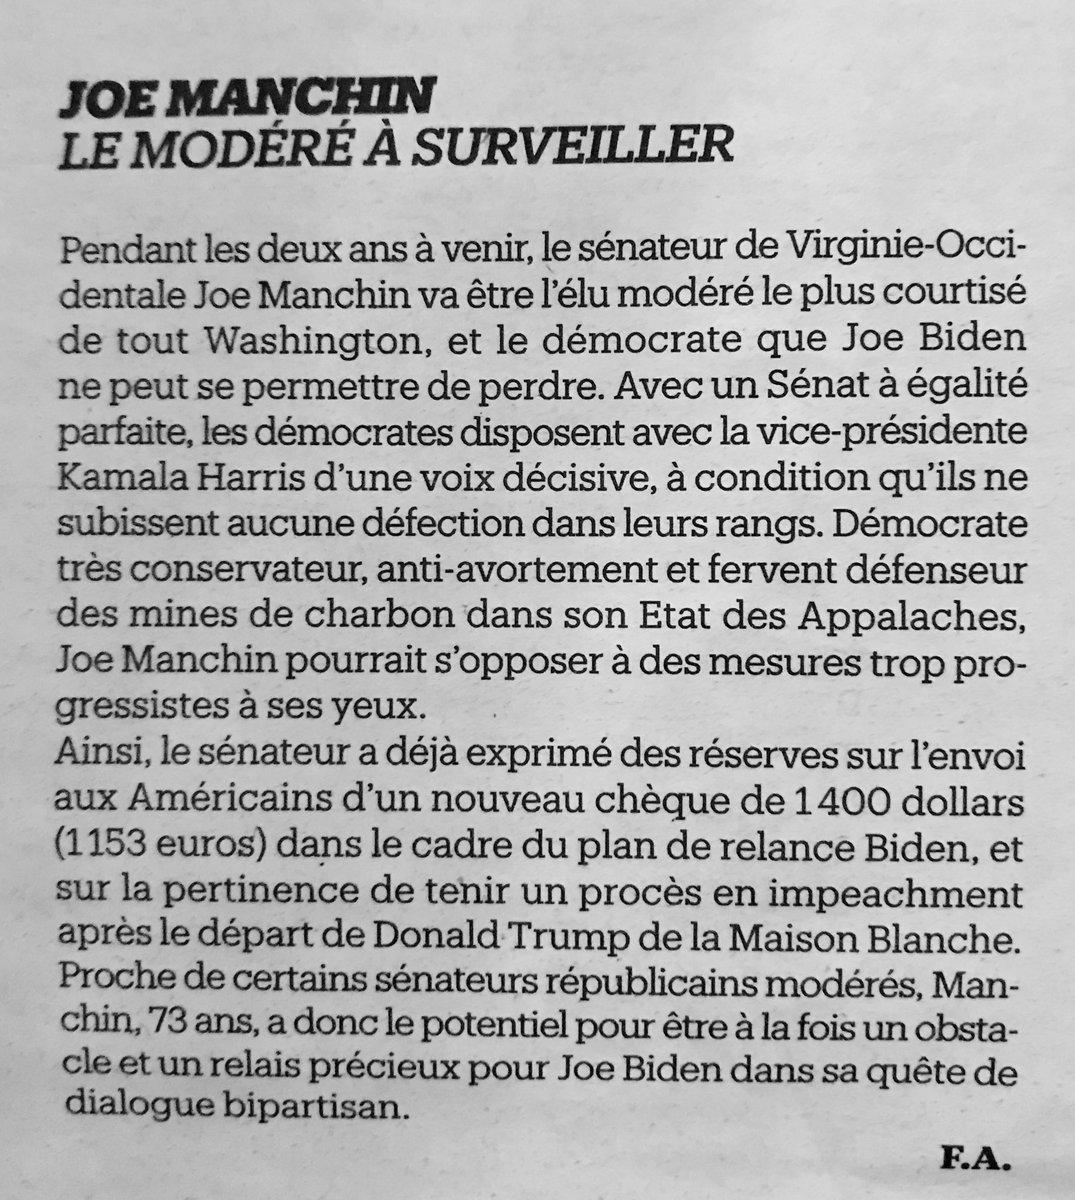 Présenté par @Libe comme «un #modéré», Joe #Manchin qui est «anti-#avortement» et «fervent défenseur des mines de #charbon», aurait eu, en France, toute sa place au sein de la République en marche, mouvement attrape-tout. Il y aurait d'ailleurs brillé, à n'en pas douter.